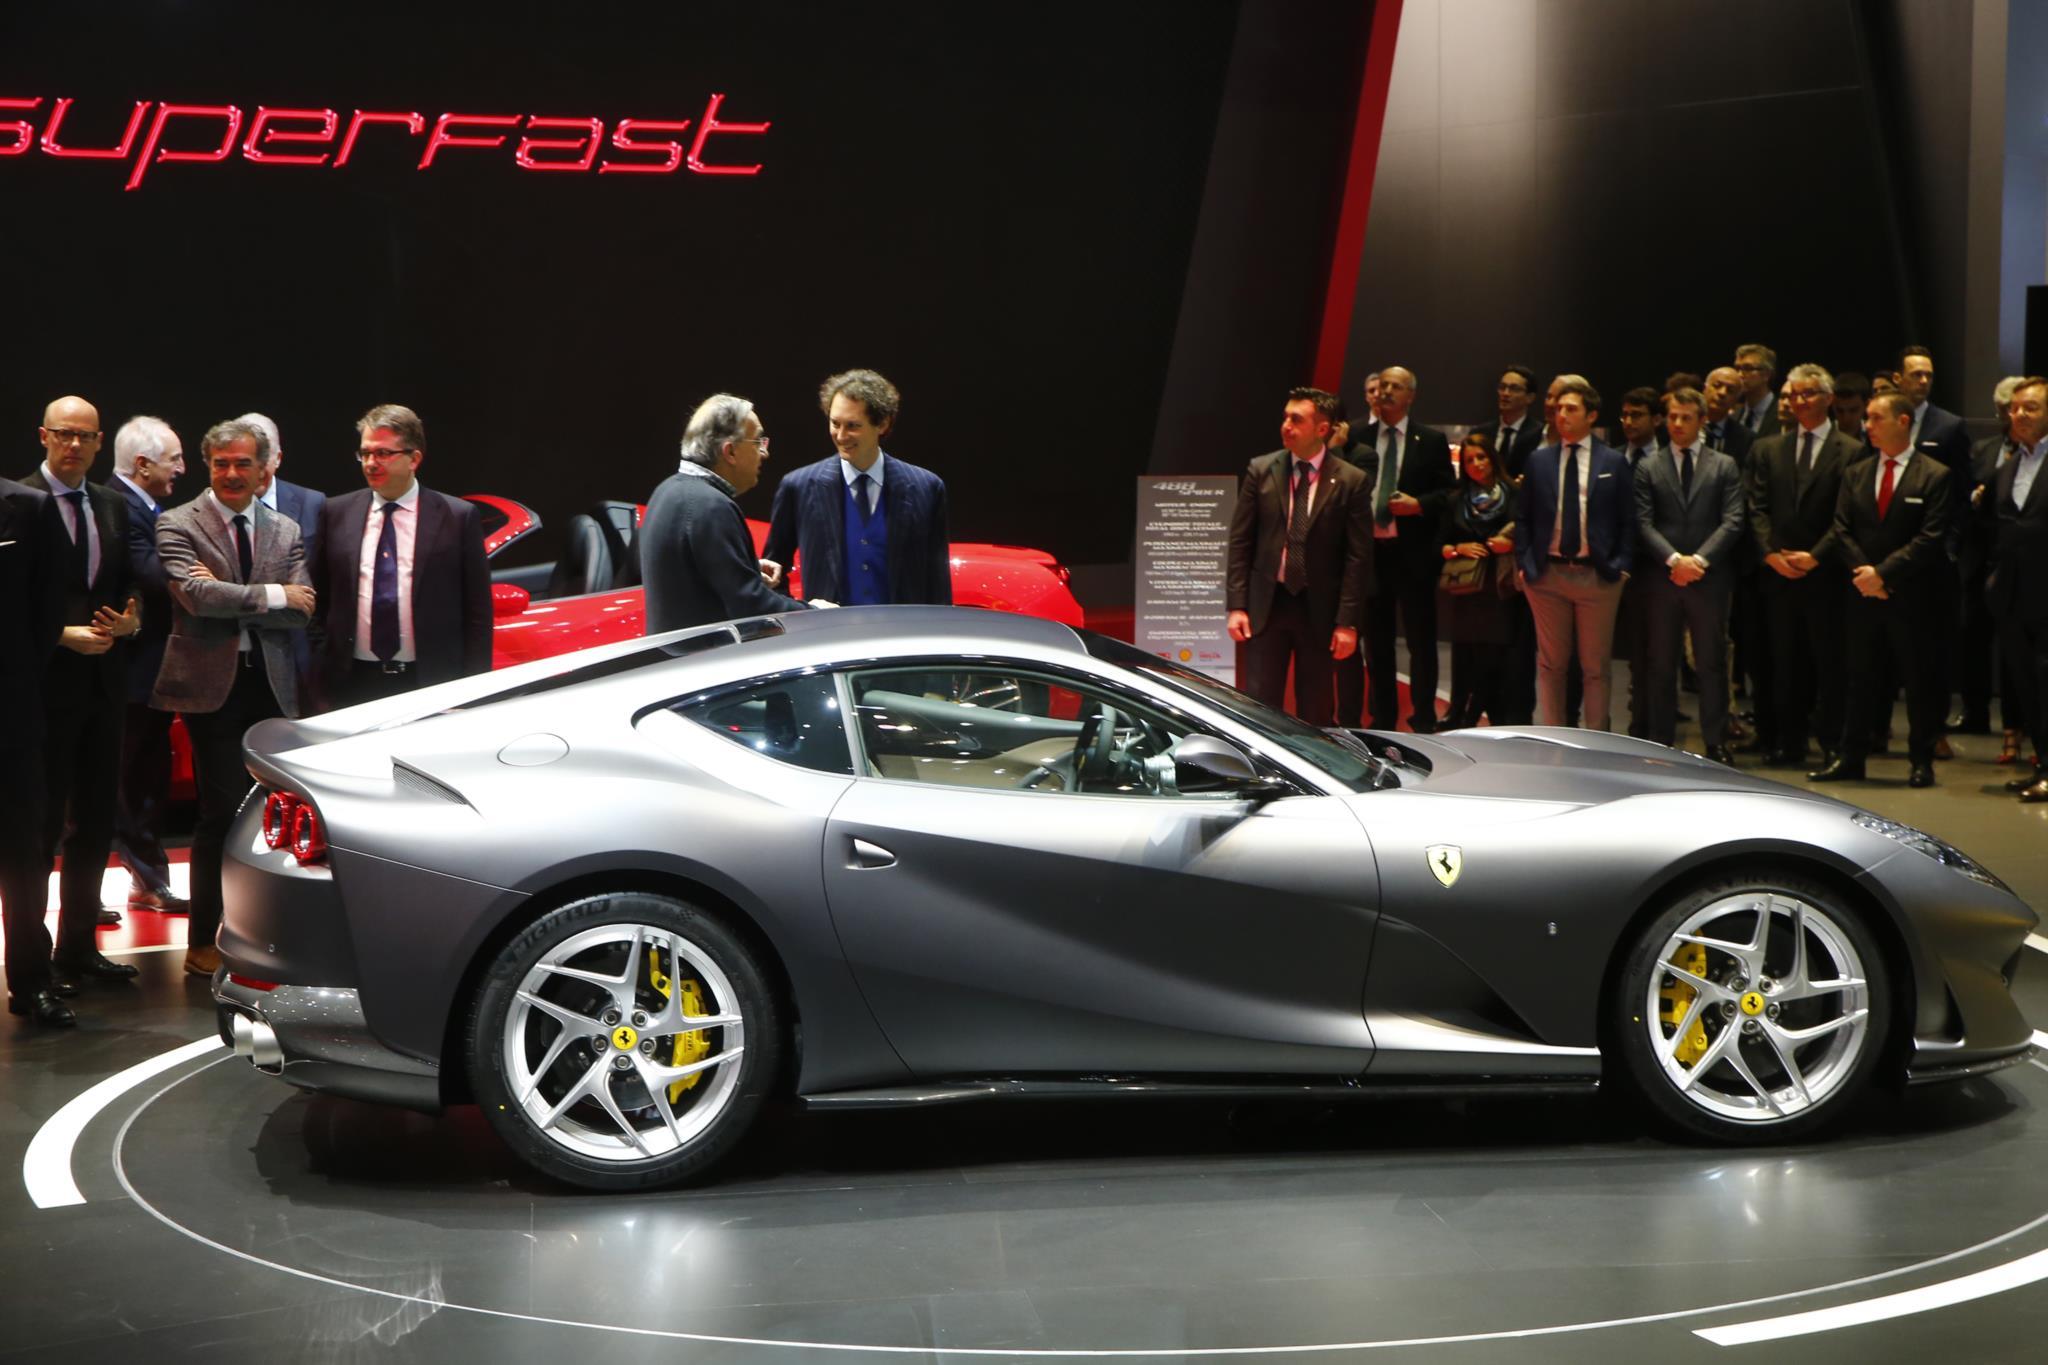 O CEO da Fiat Chrysler, Sergio Marchionne, durante a apresentação do Ferrari 812 Superfast